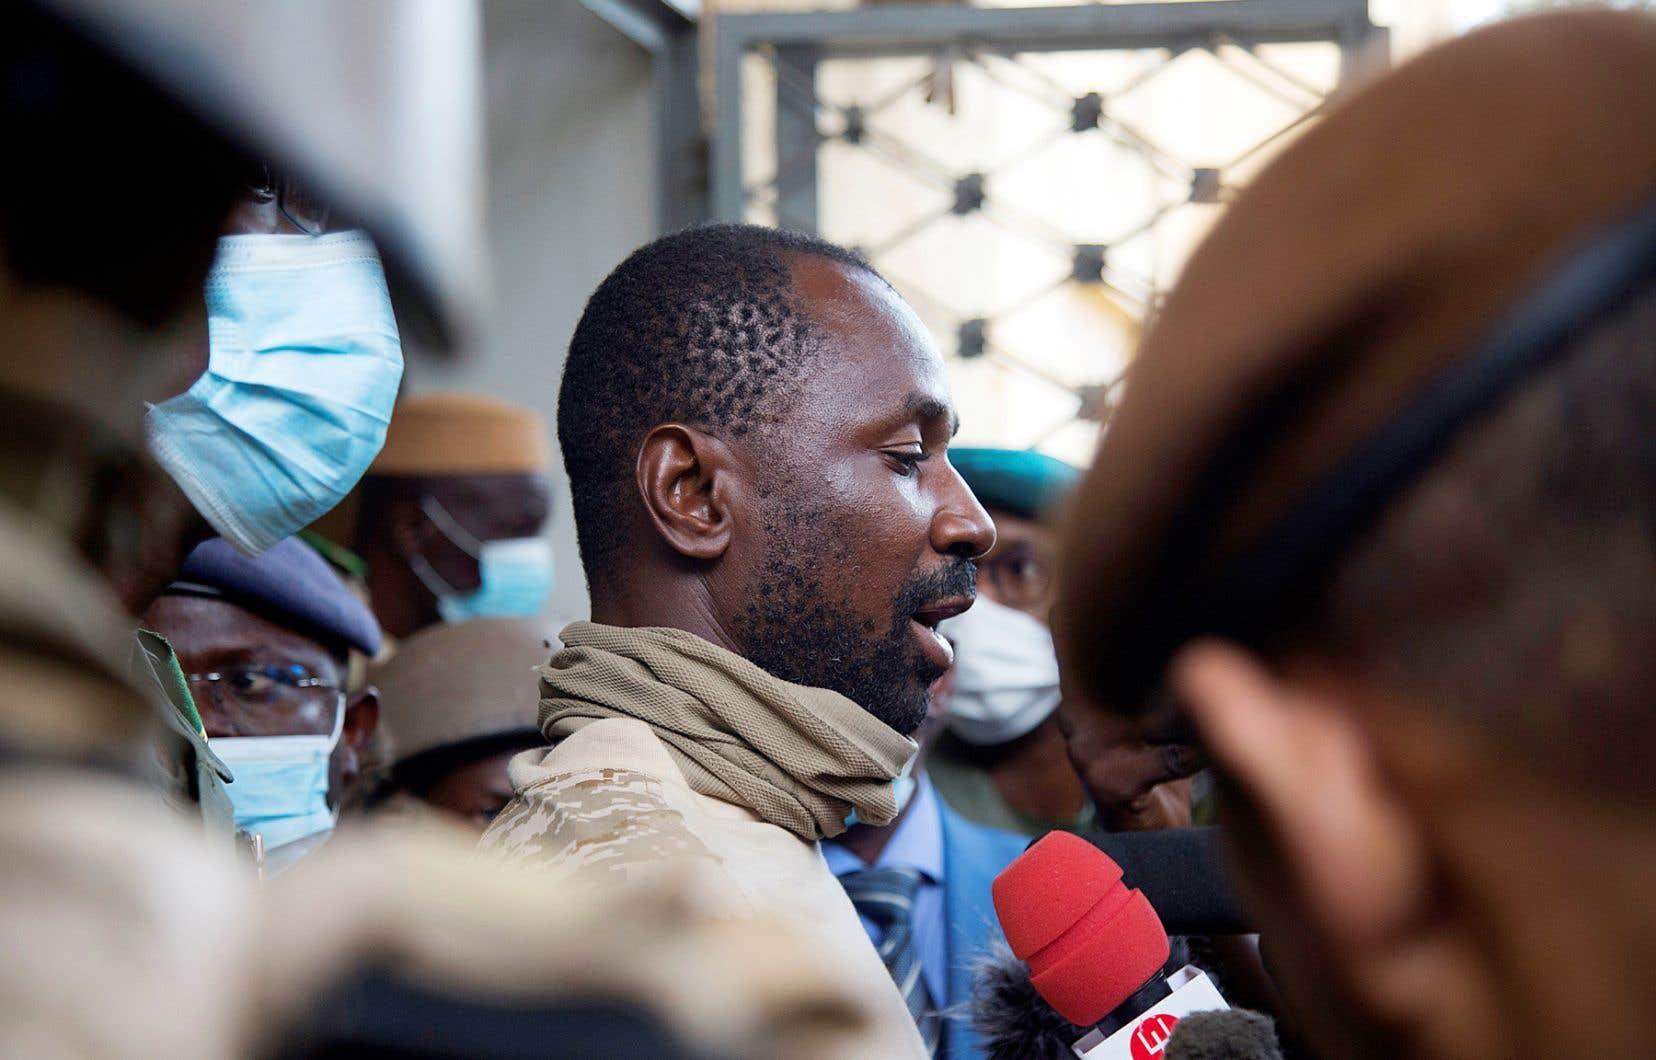 Le colonel Assimi Goita s'est présenté mercredi comme le nouvel homme fort du Mali.